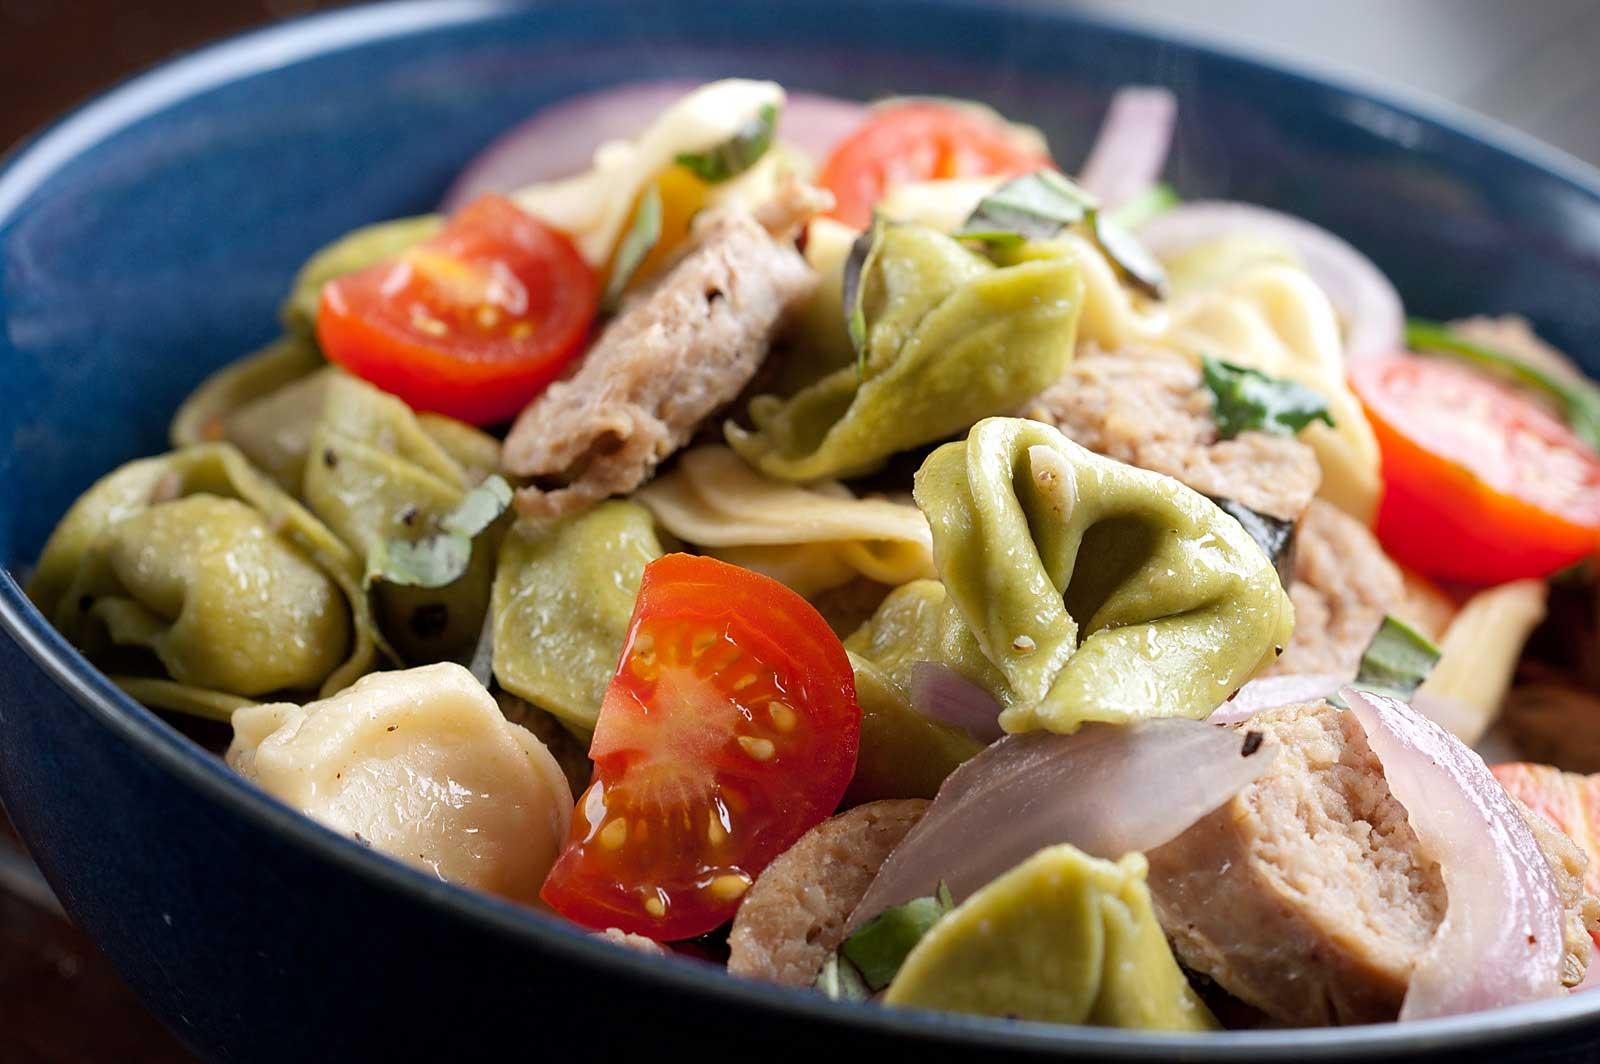 Spinach And Cheese Tortellini Primavera Recipes — Dishmaps